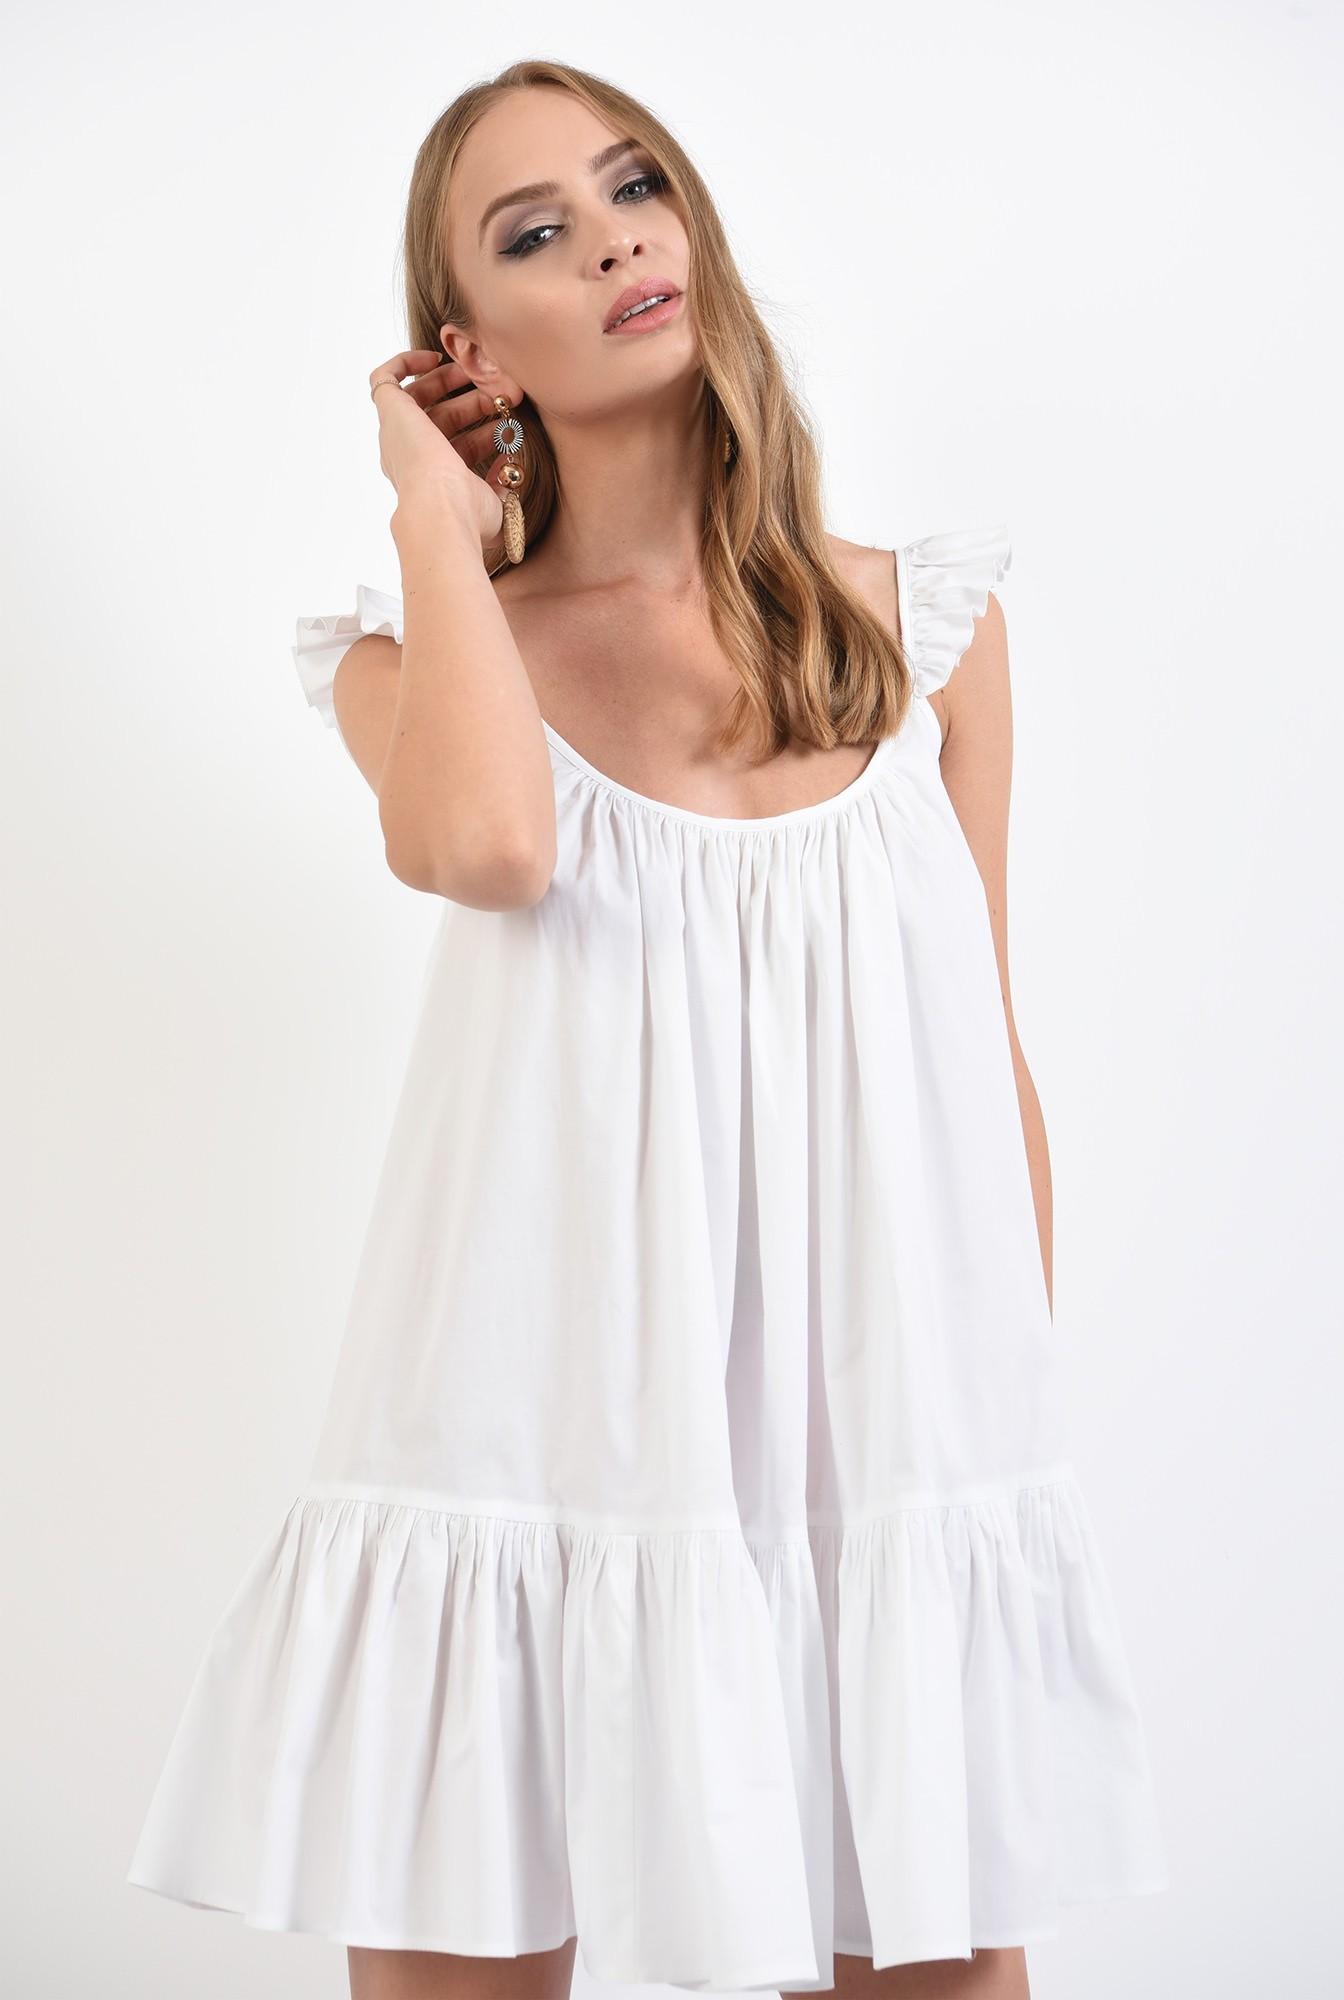 2 - 360 - rochie de vara, alba, cu volan, cu bretele, mini, Poema